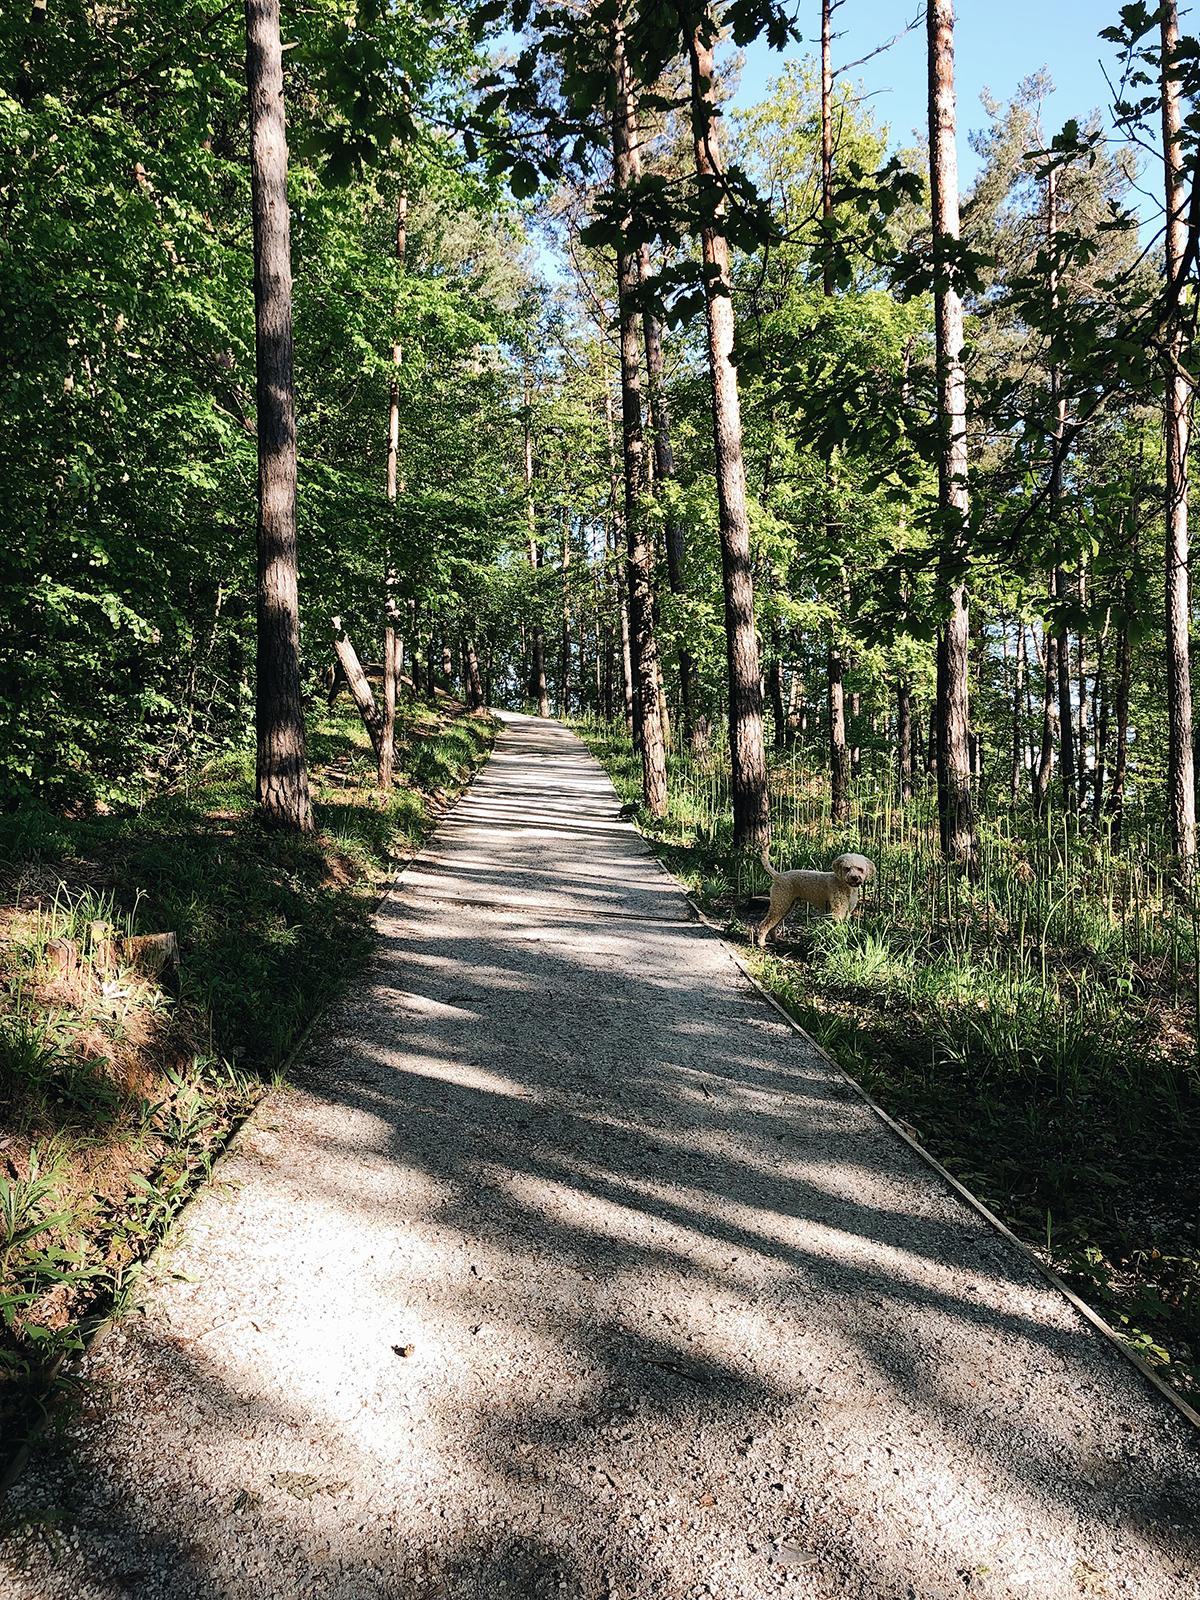 ohranimo-naravo-čisto-in-neokrnjeno-lili-in-roza-blog-skrb-za-okolje-gozd-19.JPG